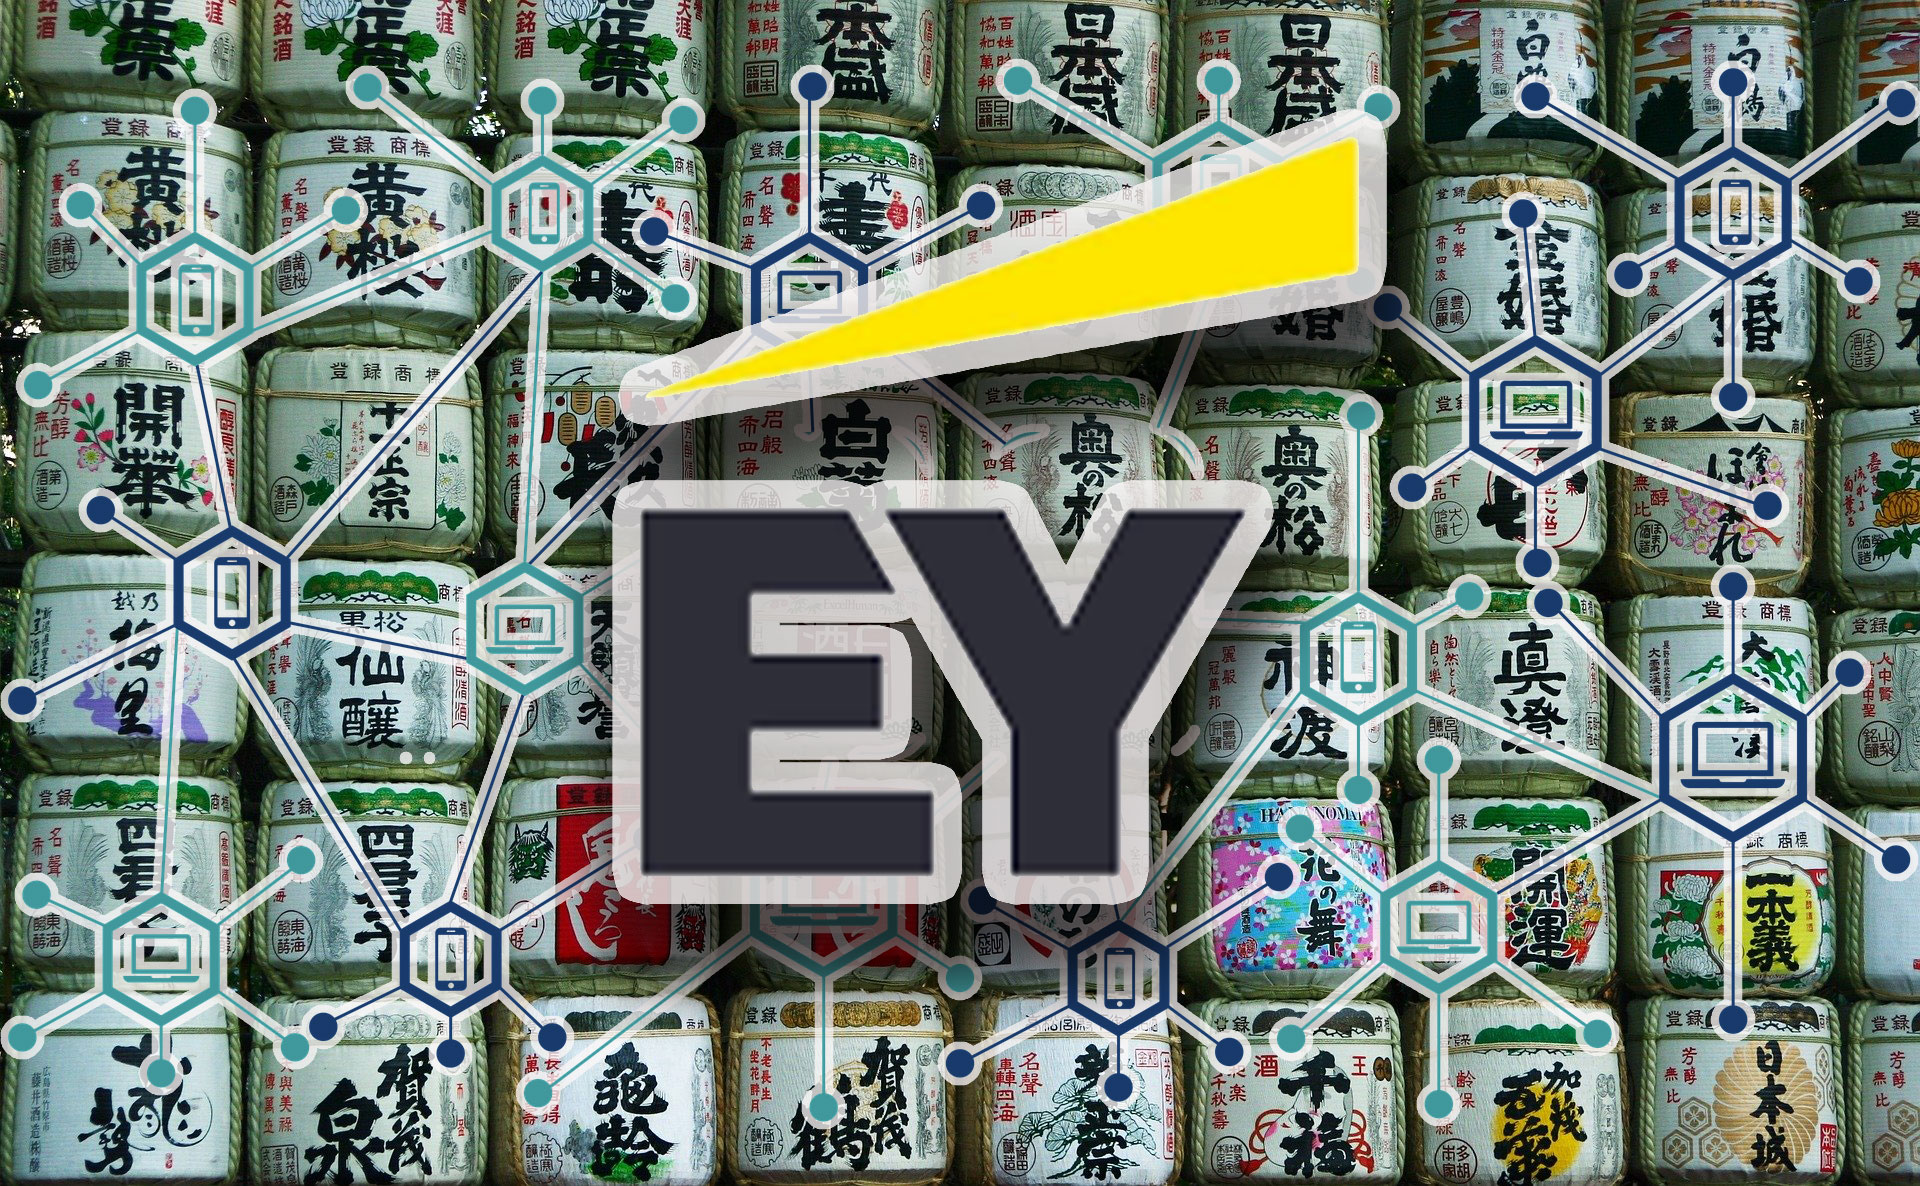 EY Japanがブロックチェーンを活用した日本酒のトレーサビリティを確立